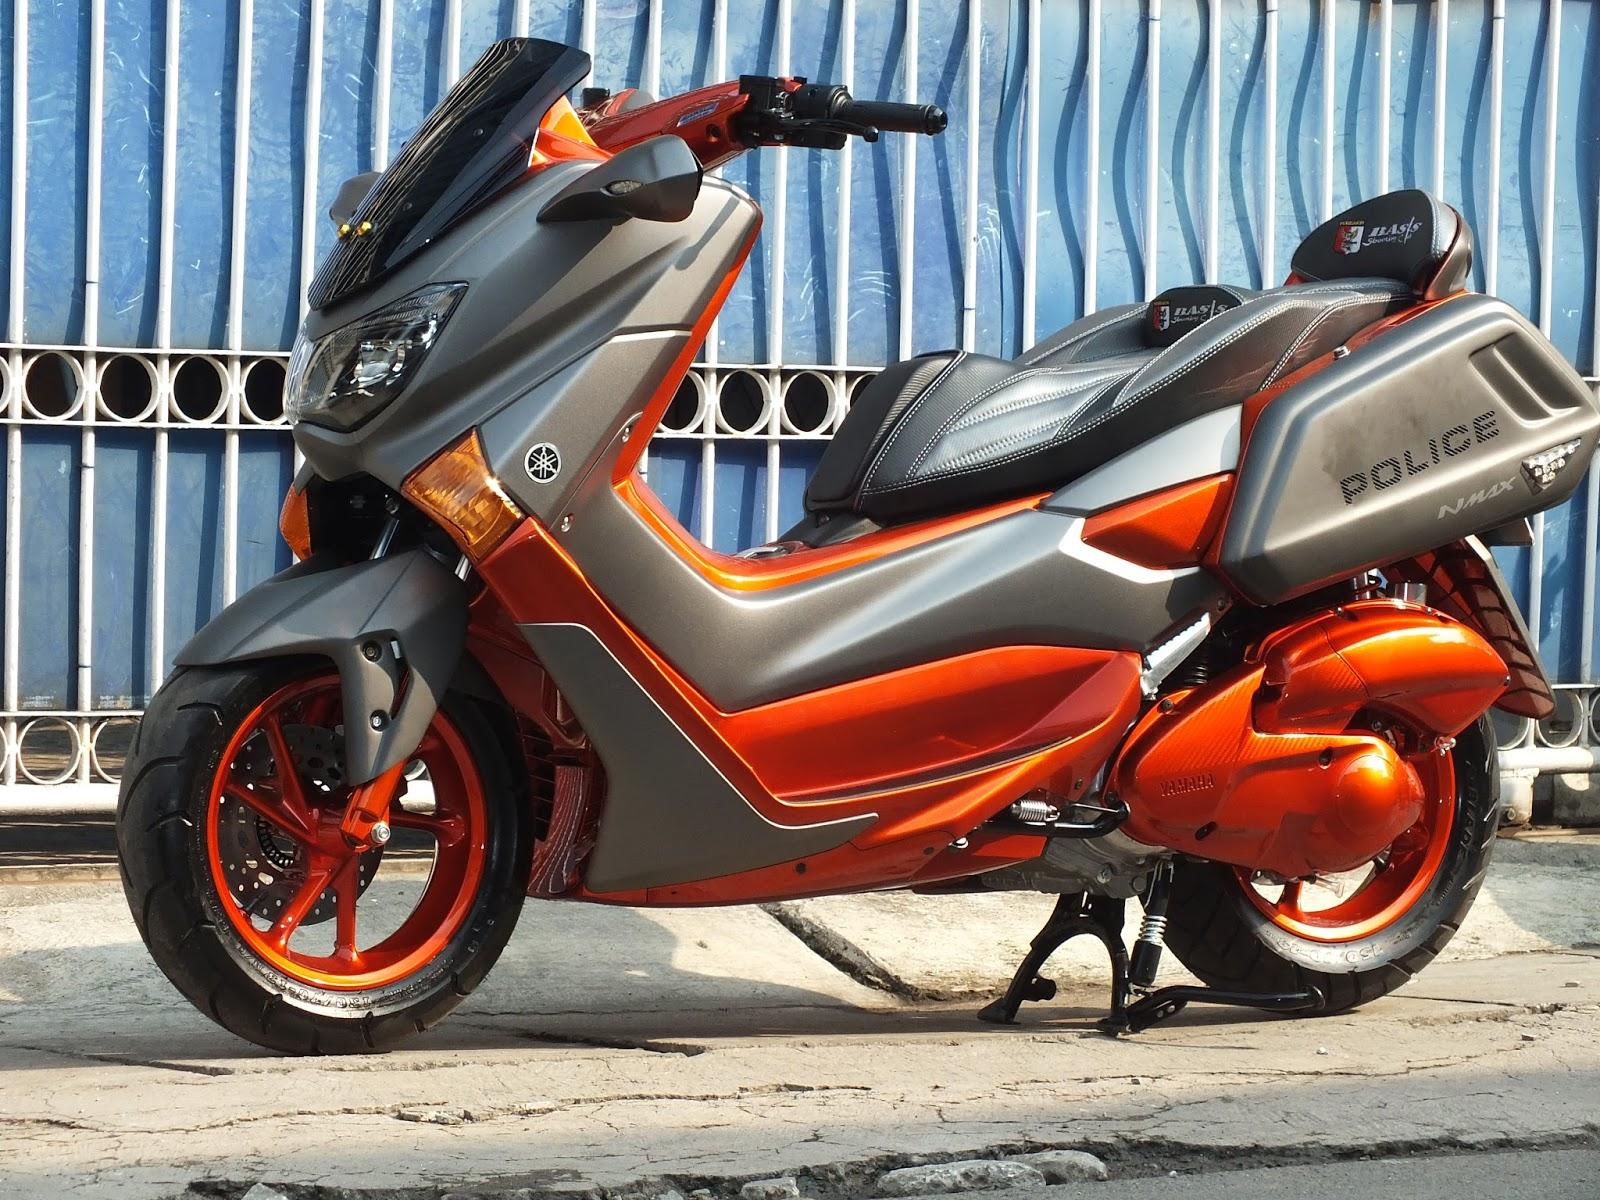 Tempat Modifikasi Motor Vario 150 Di Bandung Galeri Motor Vario